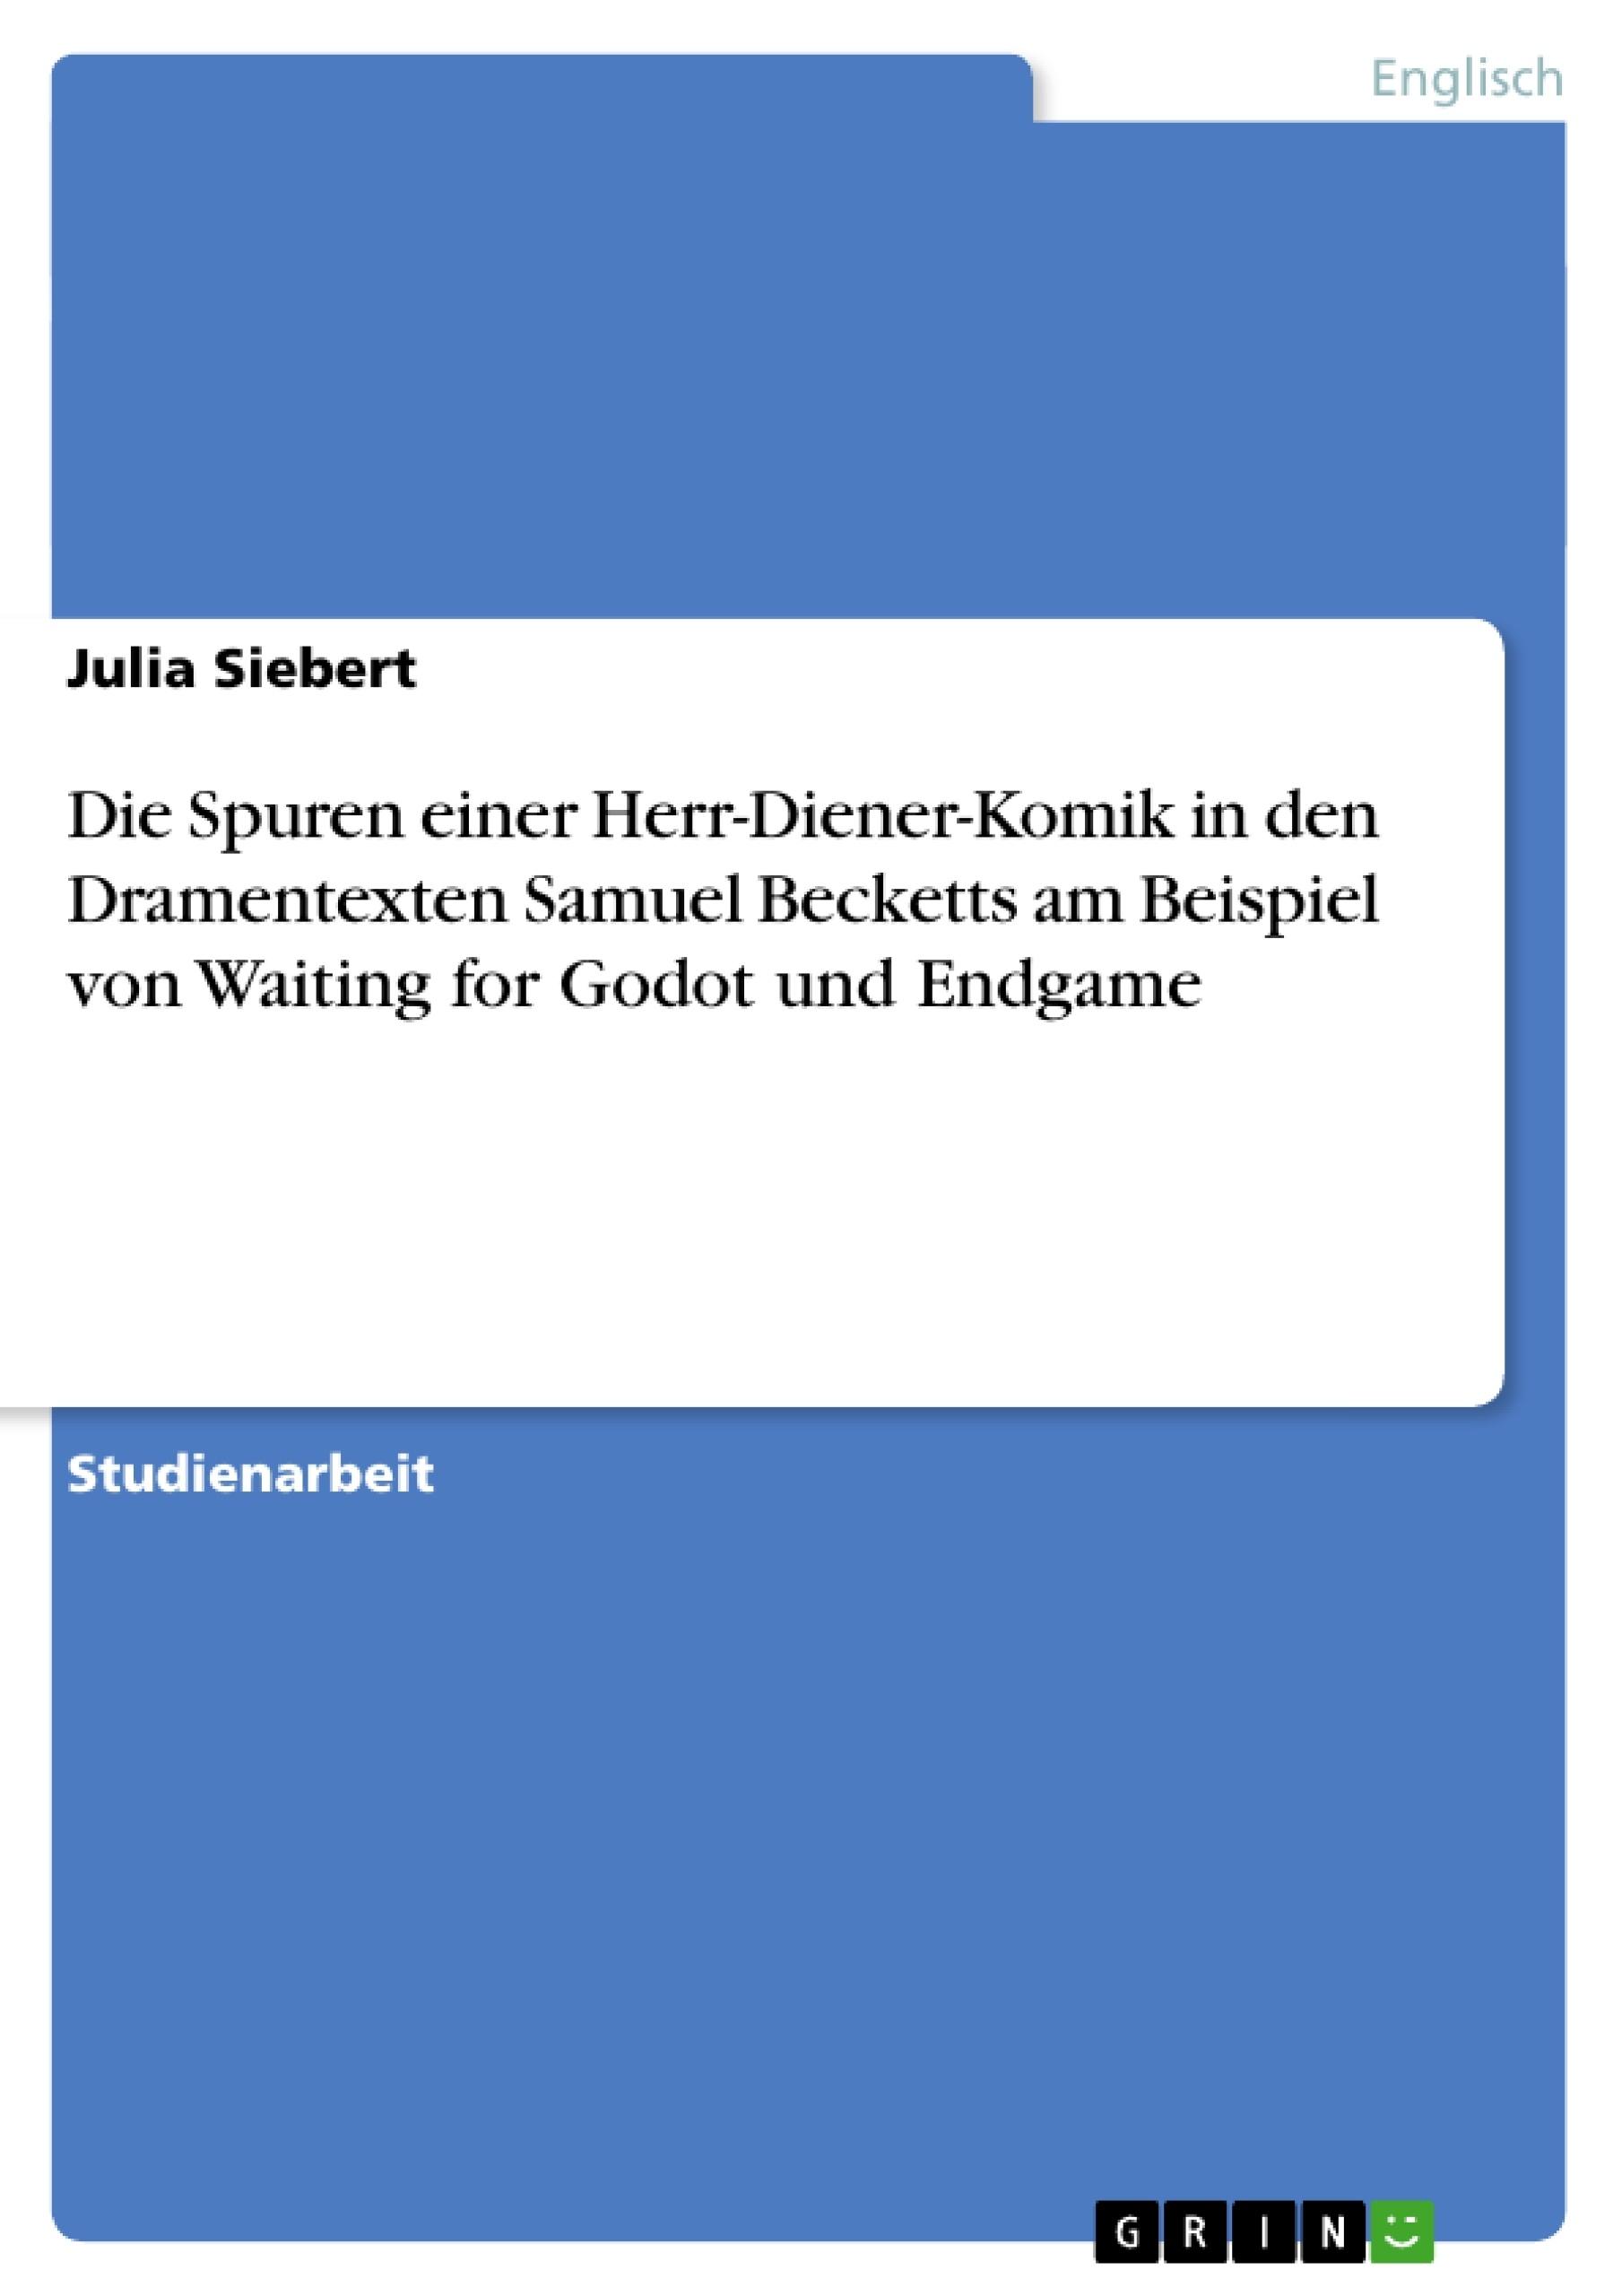 Titel: Die Spuren einer Herr-Diener-Komik in den Dramentexten Samuel Becketts am Beispiel von Waiting for Godot und Endgame